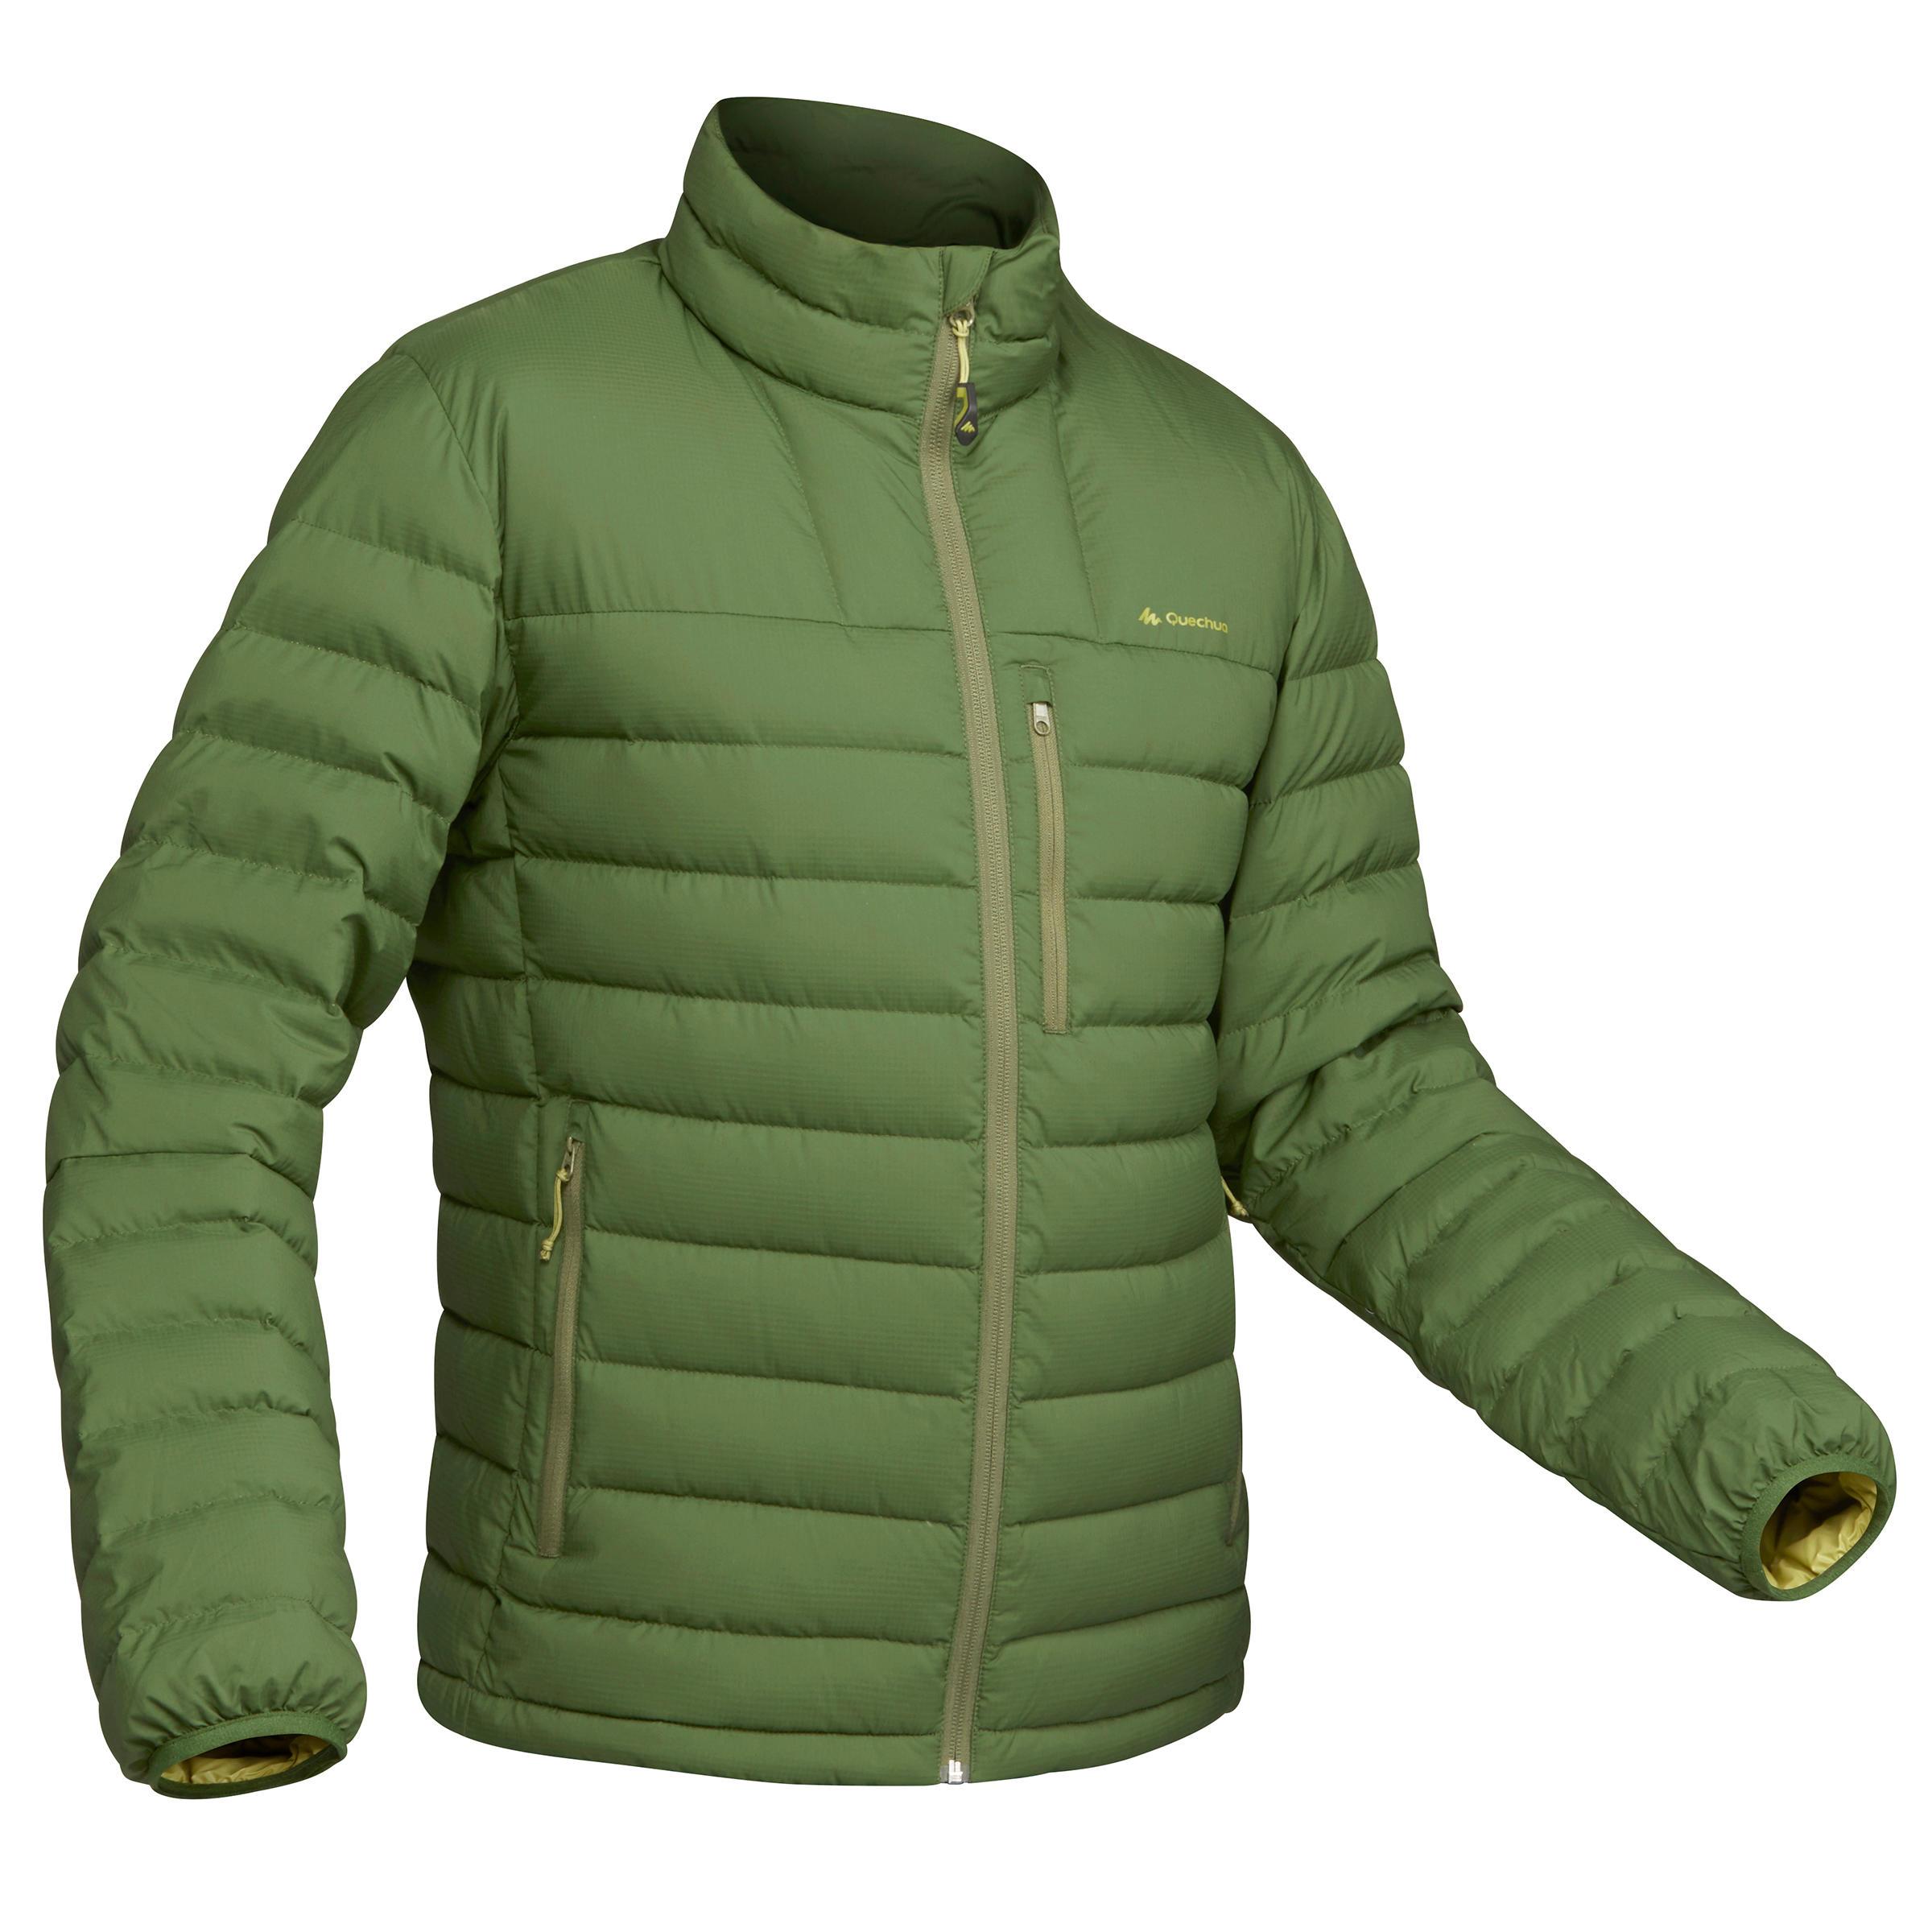 c95866d7663 Outdoor kleding kopen met korting. Forclaz – Wandelen – Donsjas – Donsjas  voor bergtrekking Trek 900 heren.